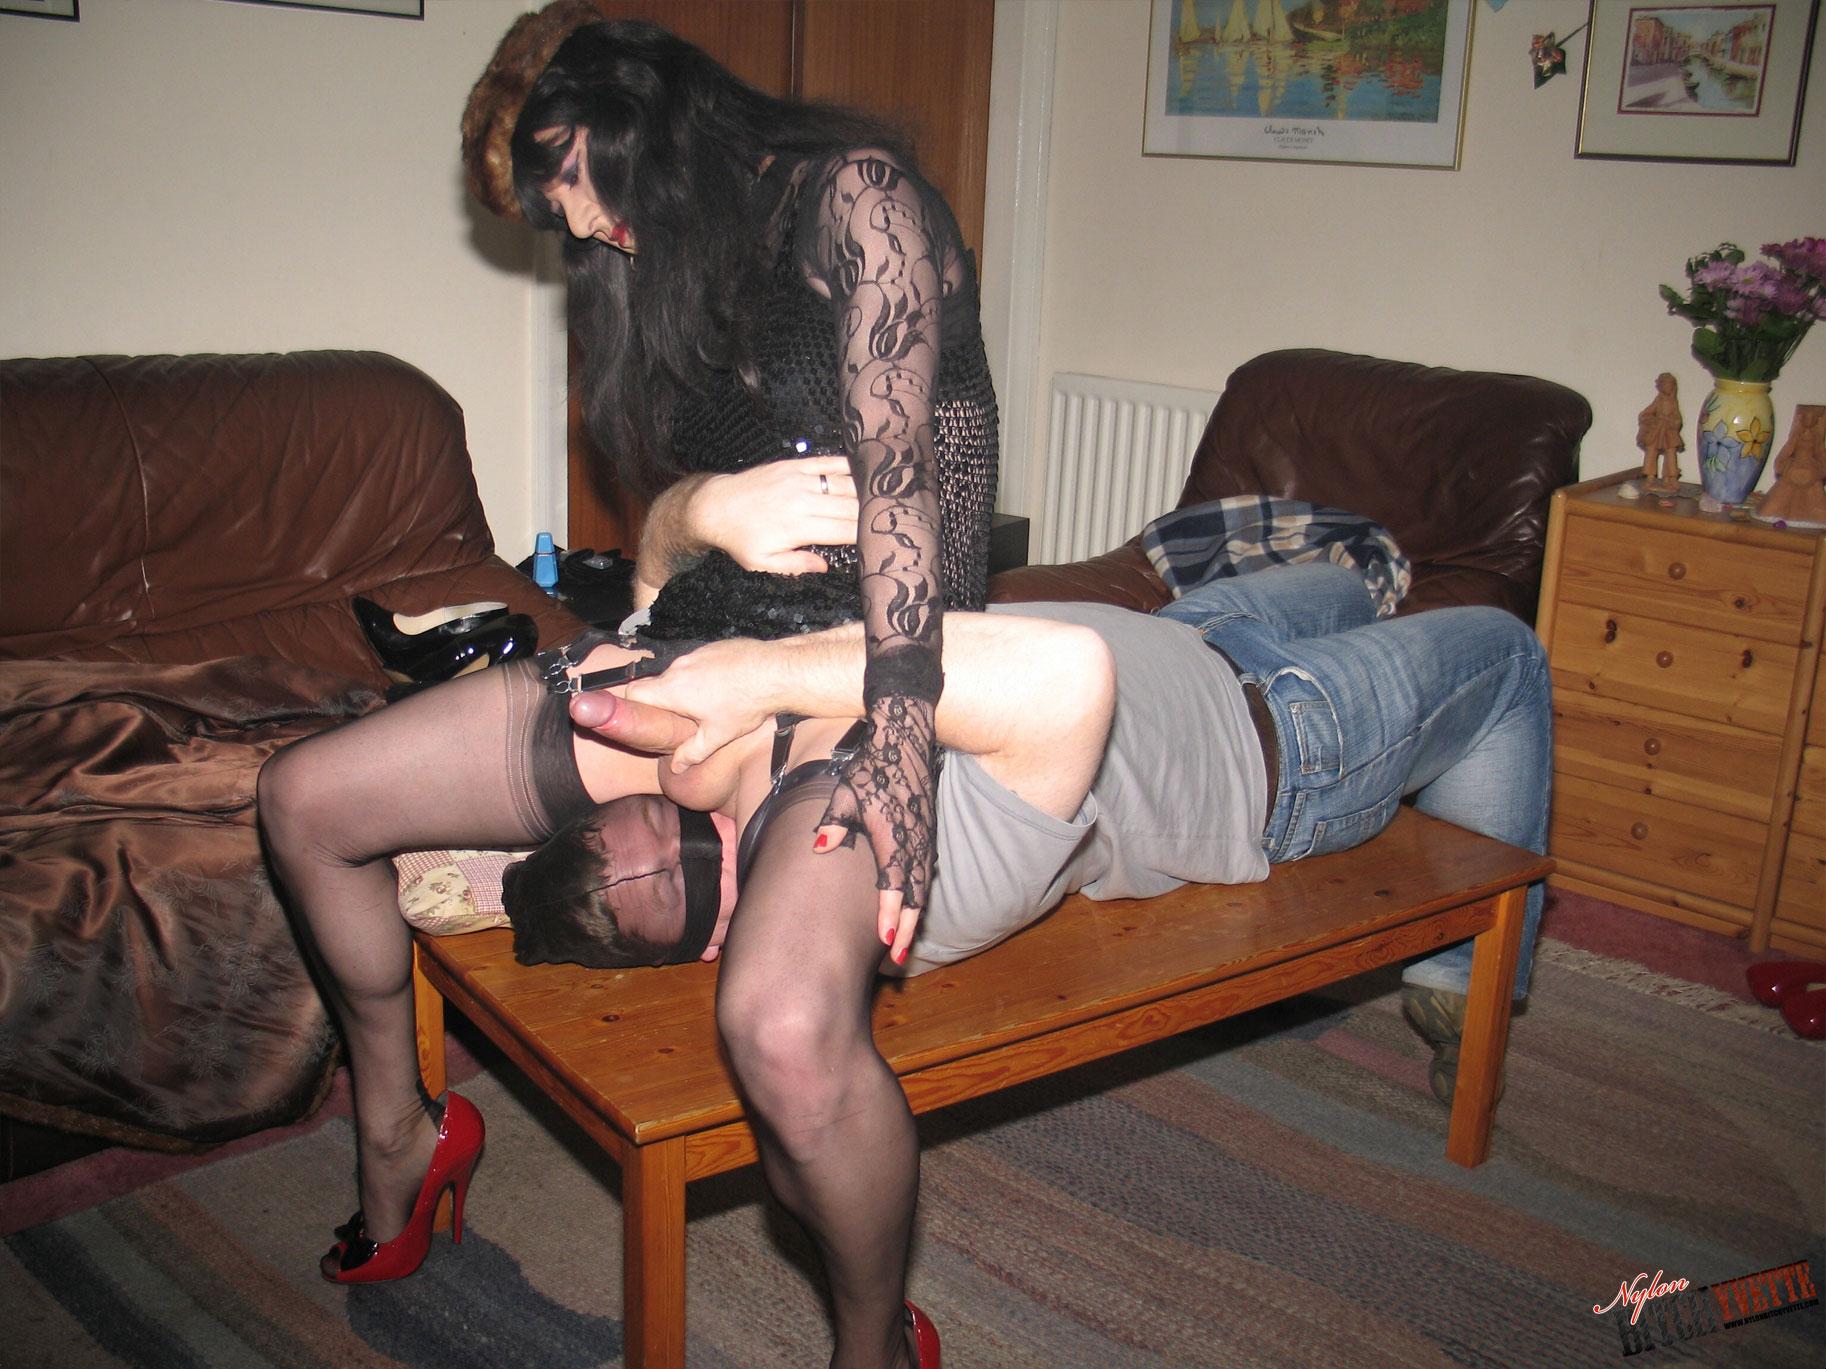 Трансвеститы фетишисты фото 29 фотография